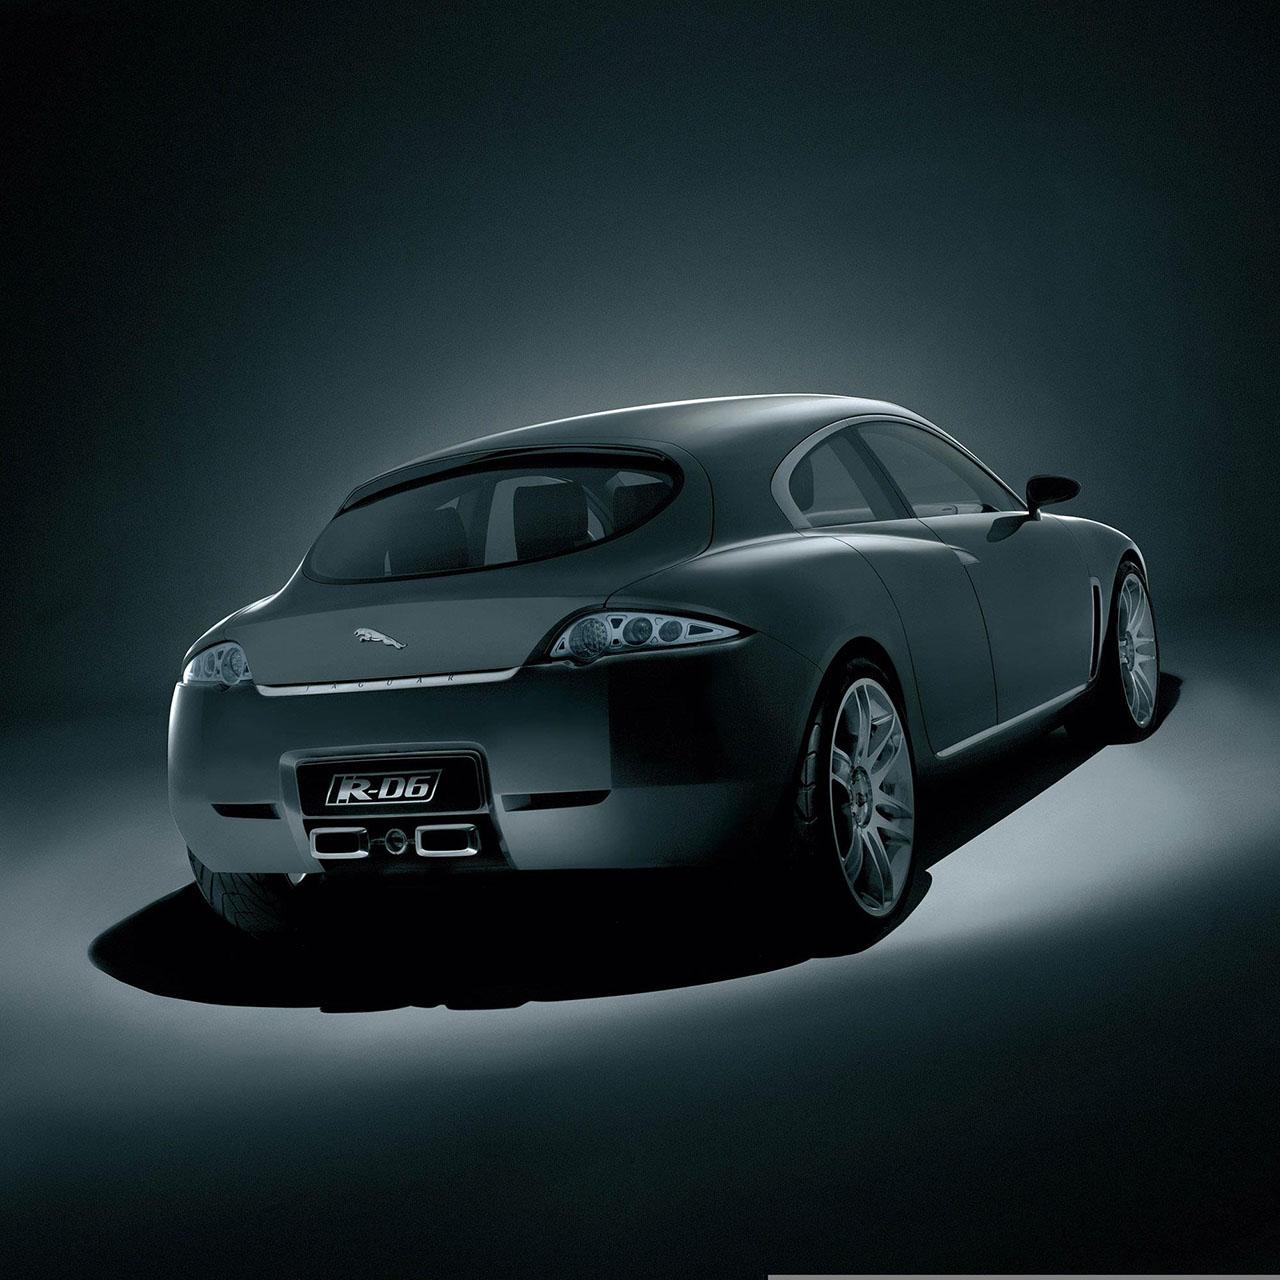 Постер на подрамнике Jaguar-26